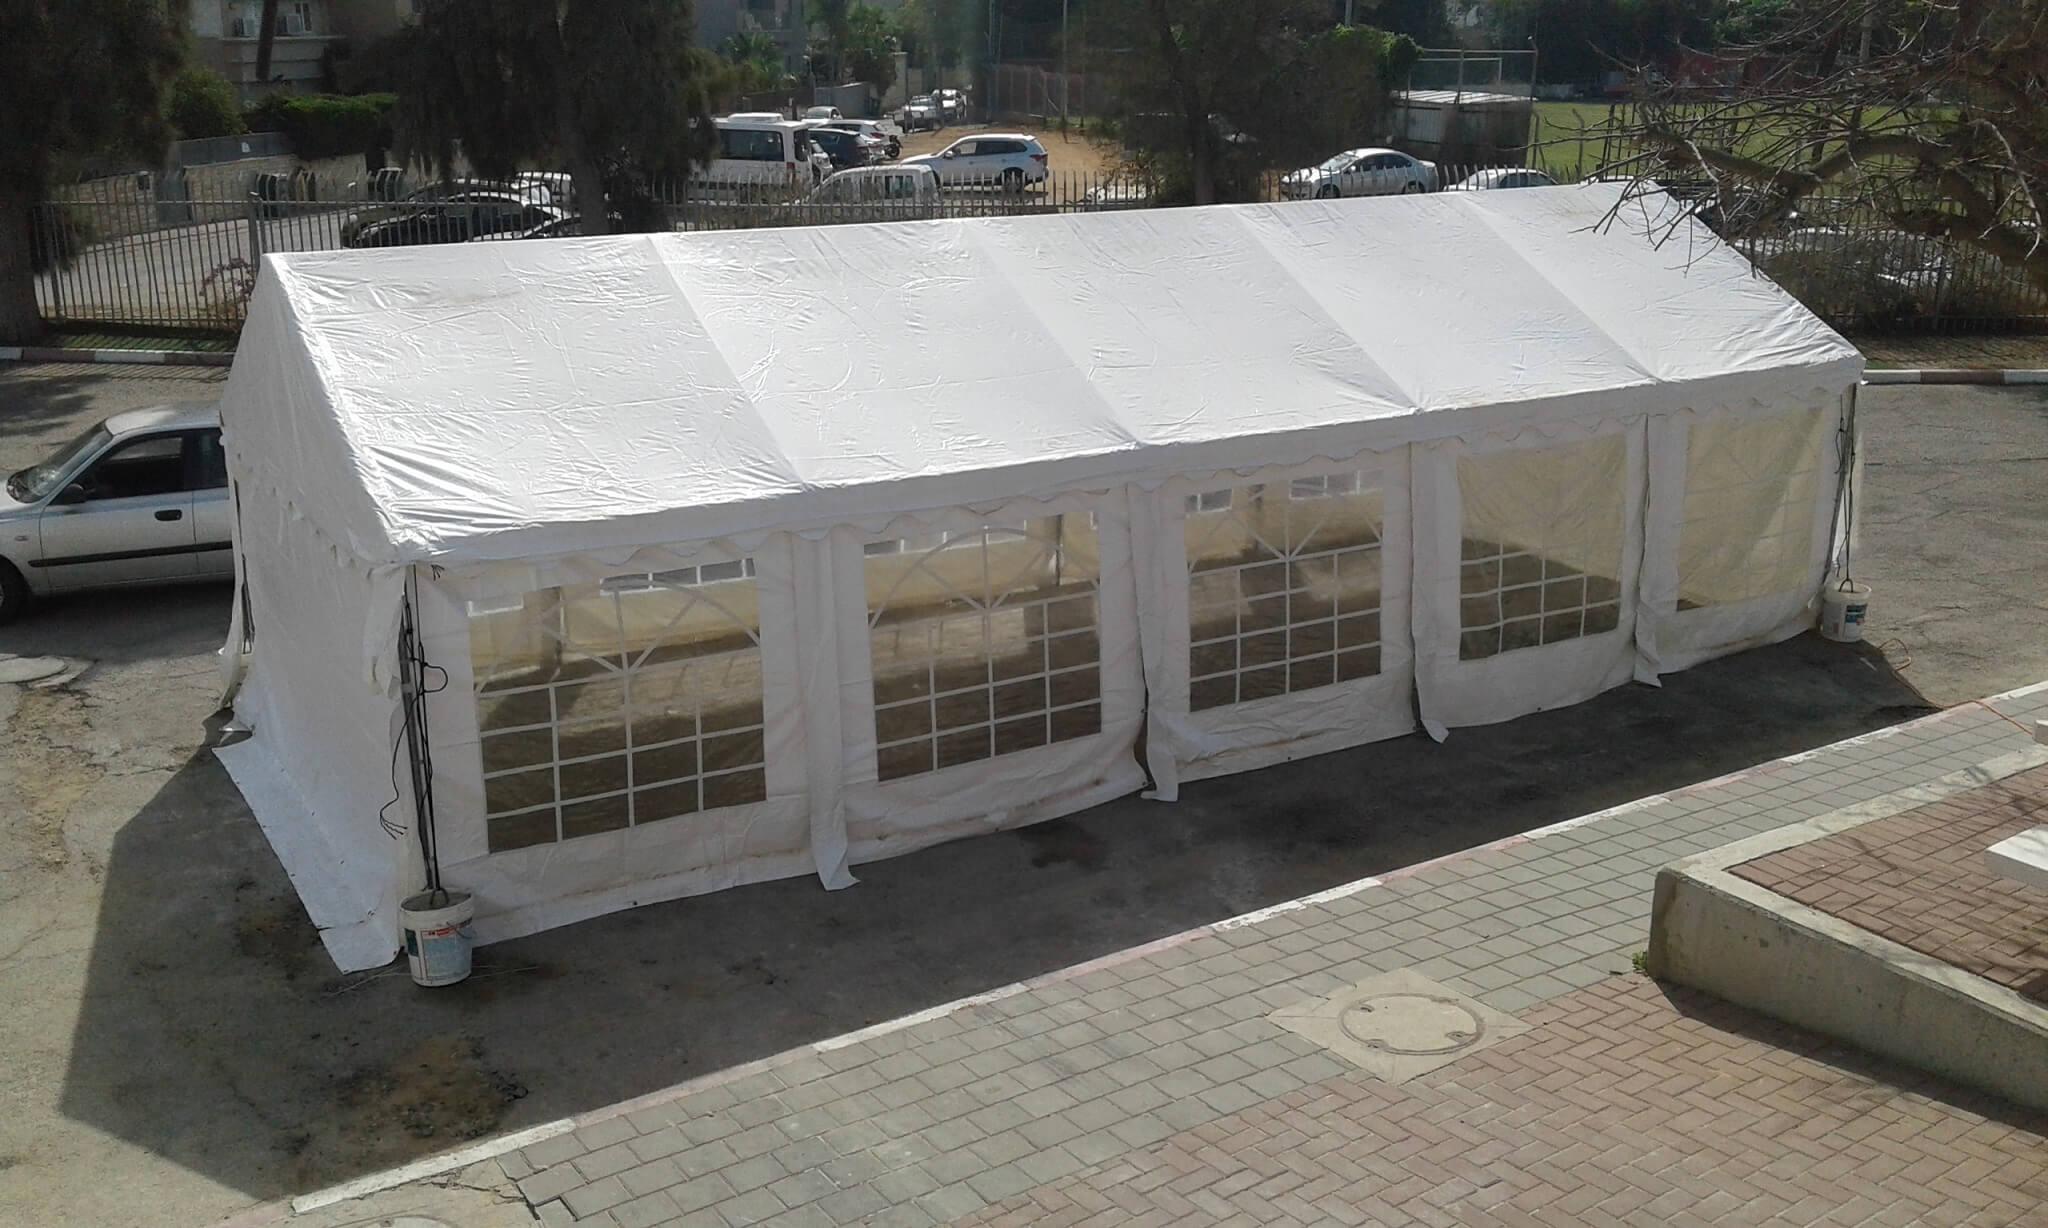 אוהלי נועם - השכרת אוהלים לאבלים